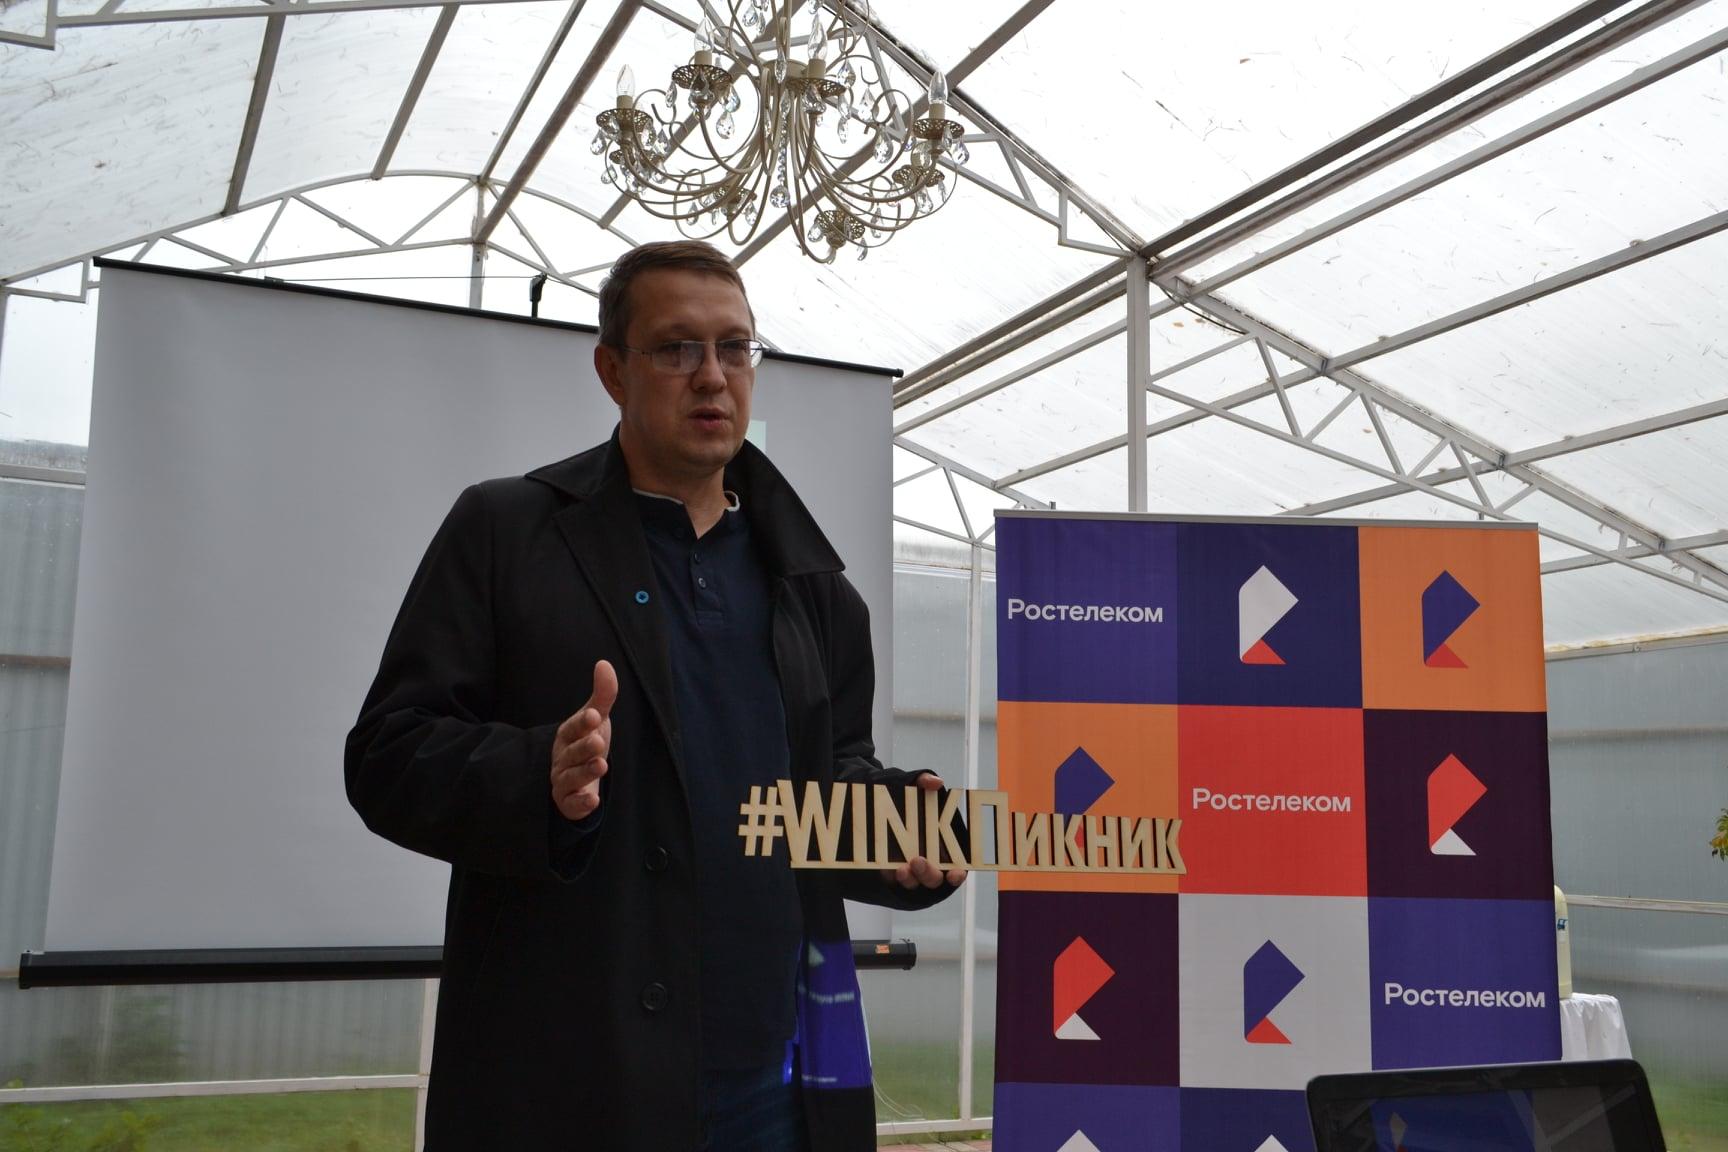 Ростелеком начал продавать все собственные мультмедиа-сервисы в рамках единой подписки